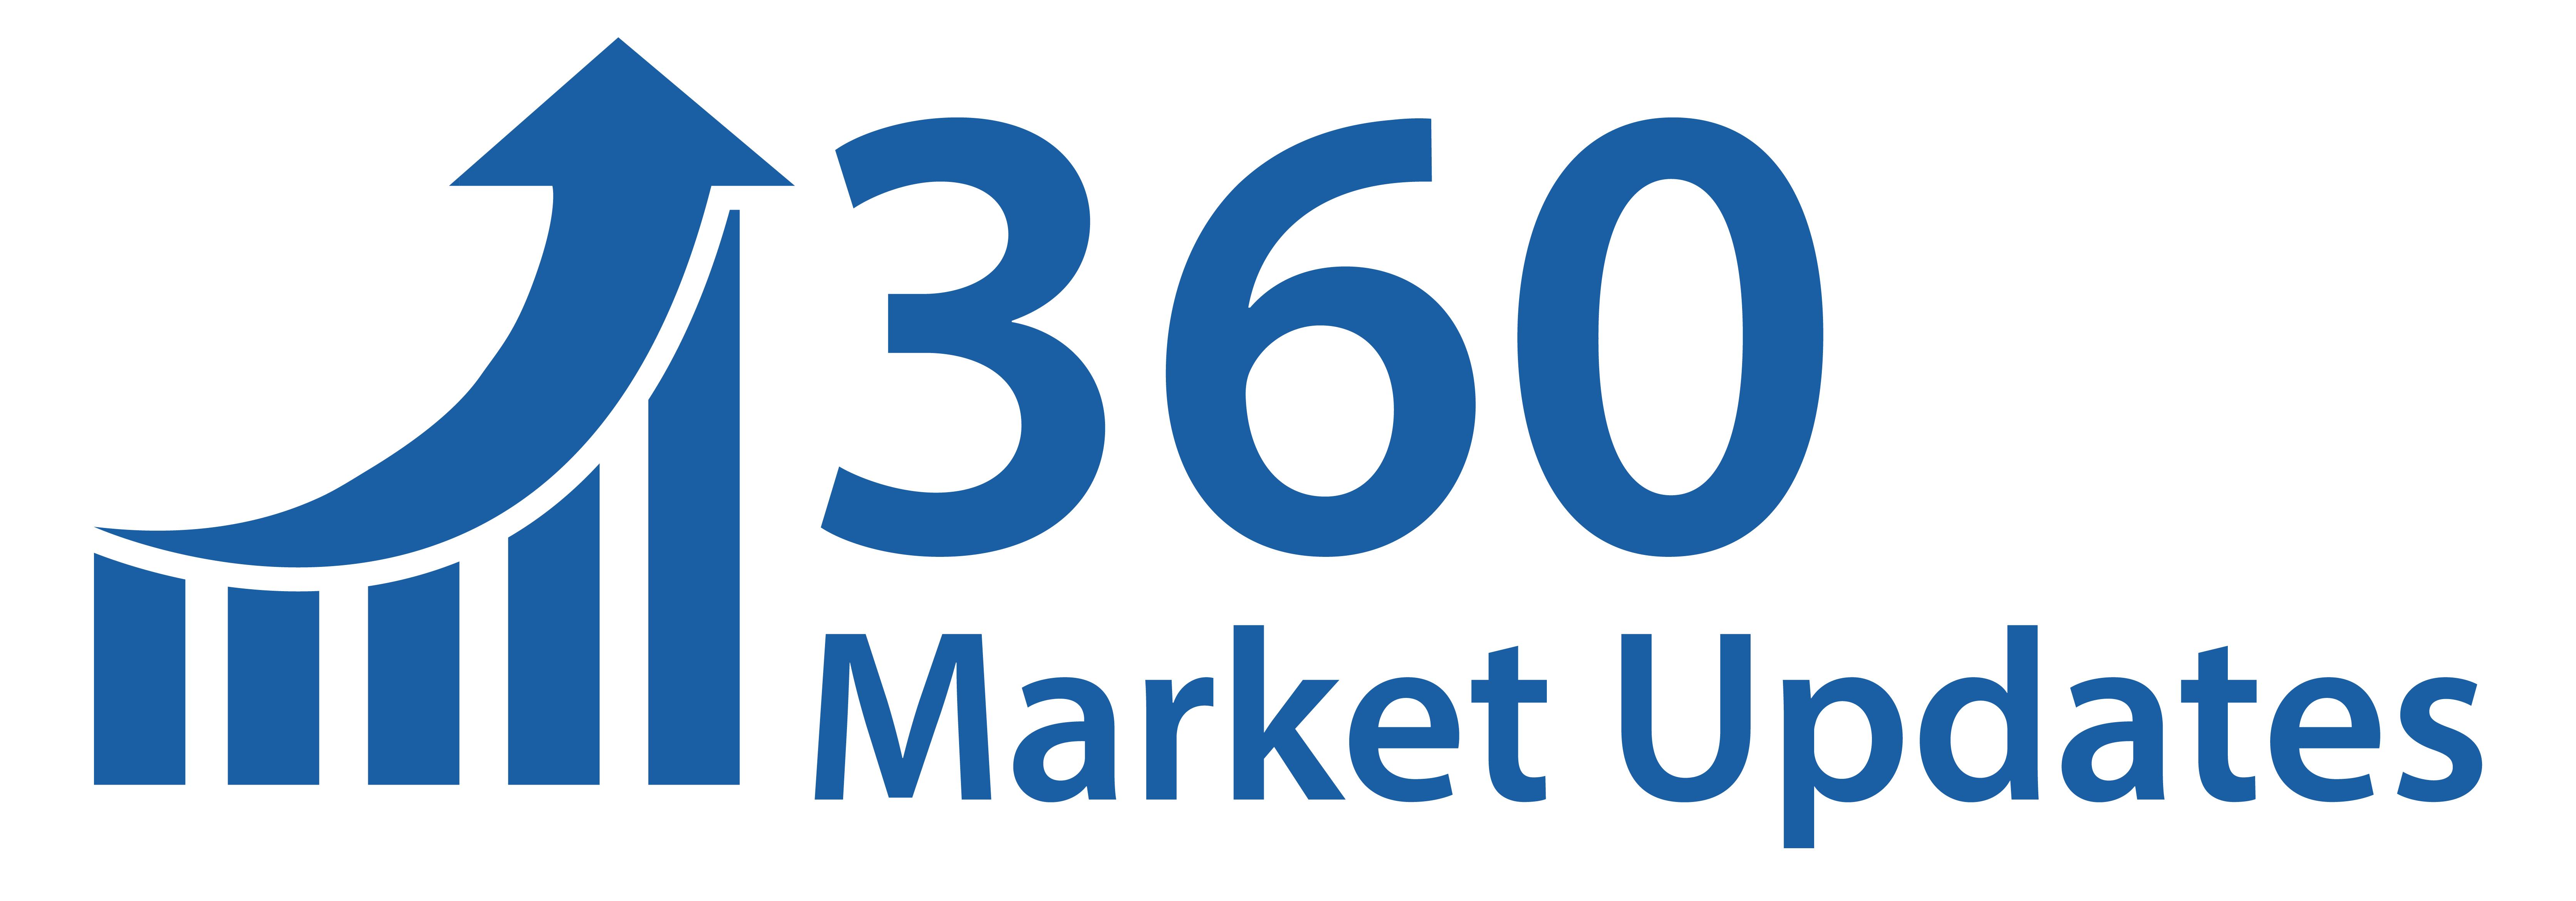 Lime Market 2020 – Industrienachfrage, Aktie, Größe, Zukunftstrends Pläne, Wachstumschancen, Schlüsselakteure, Anwendung, Nachfrage, Branchenforschungsbericht von Regional Forecast to 2024   360 Markt-Updates